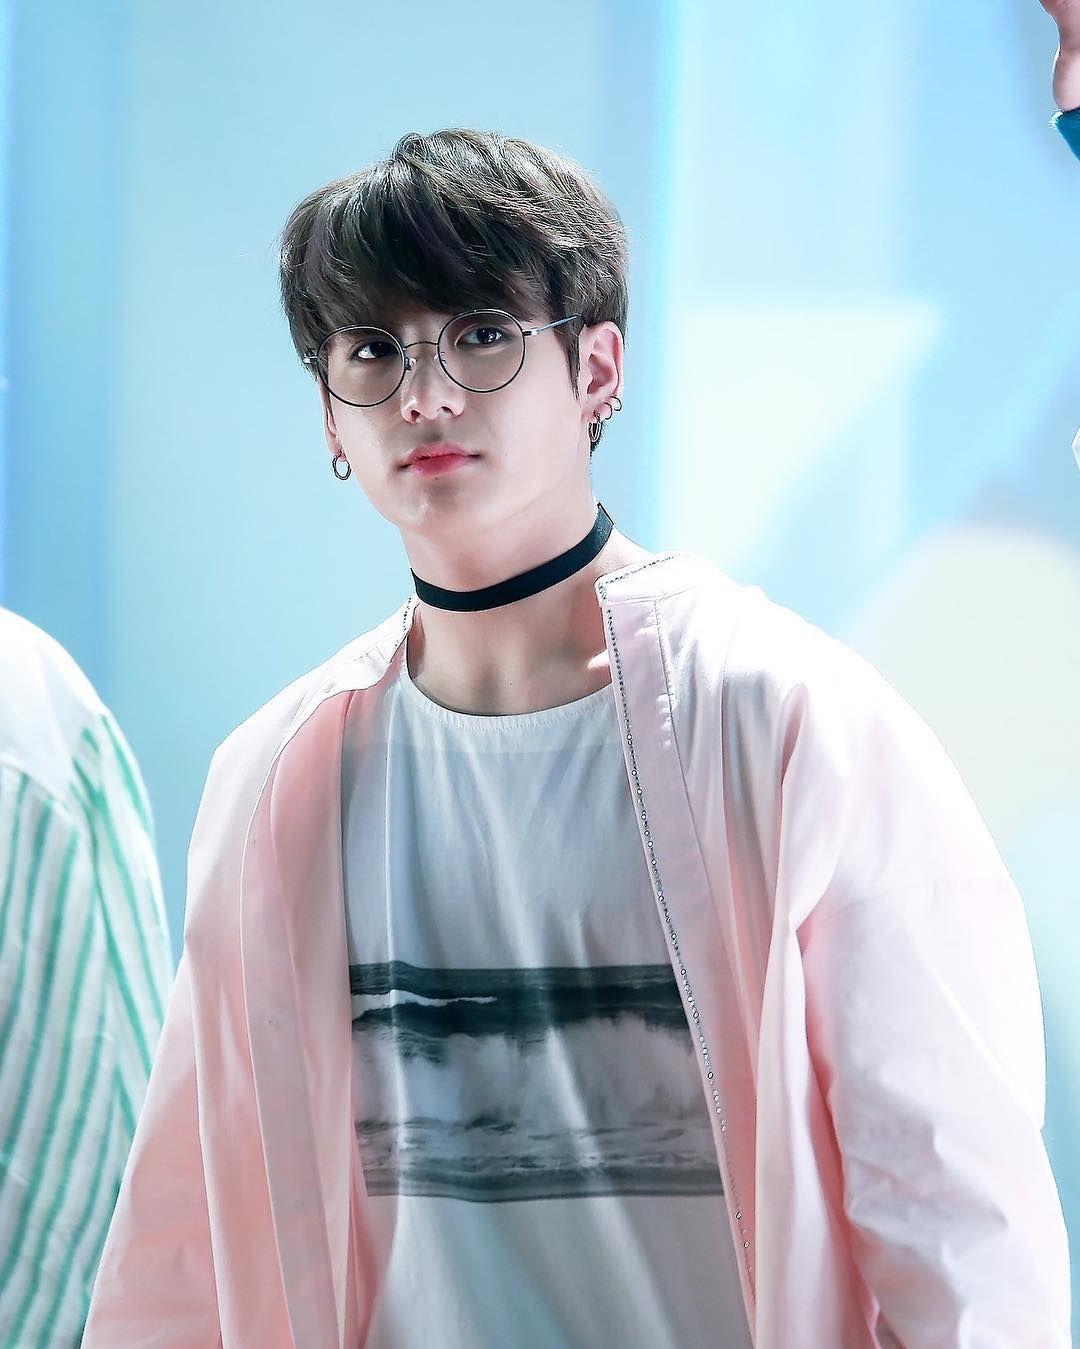 Bts Jungkook Glasses Wallpaper: Jeon Jungkook 전정국 (@bts